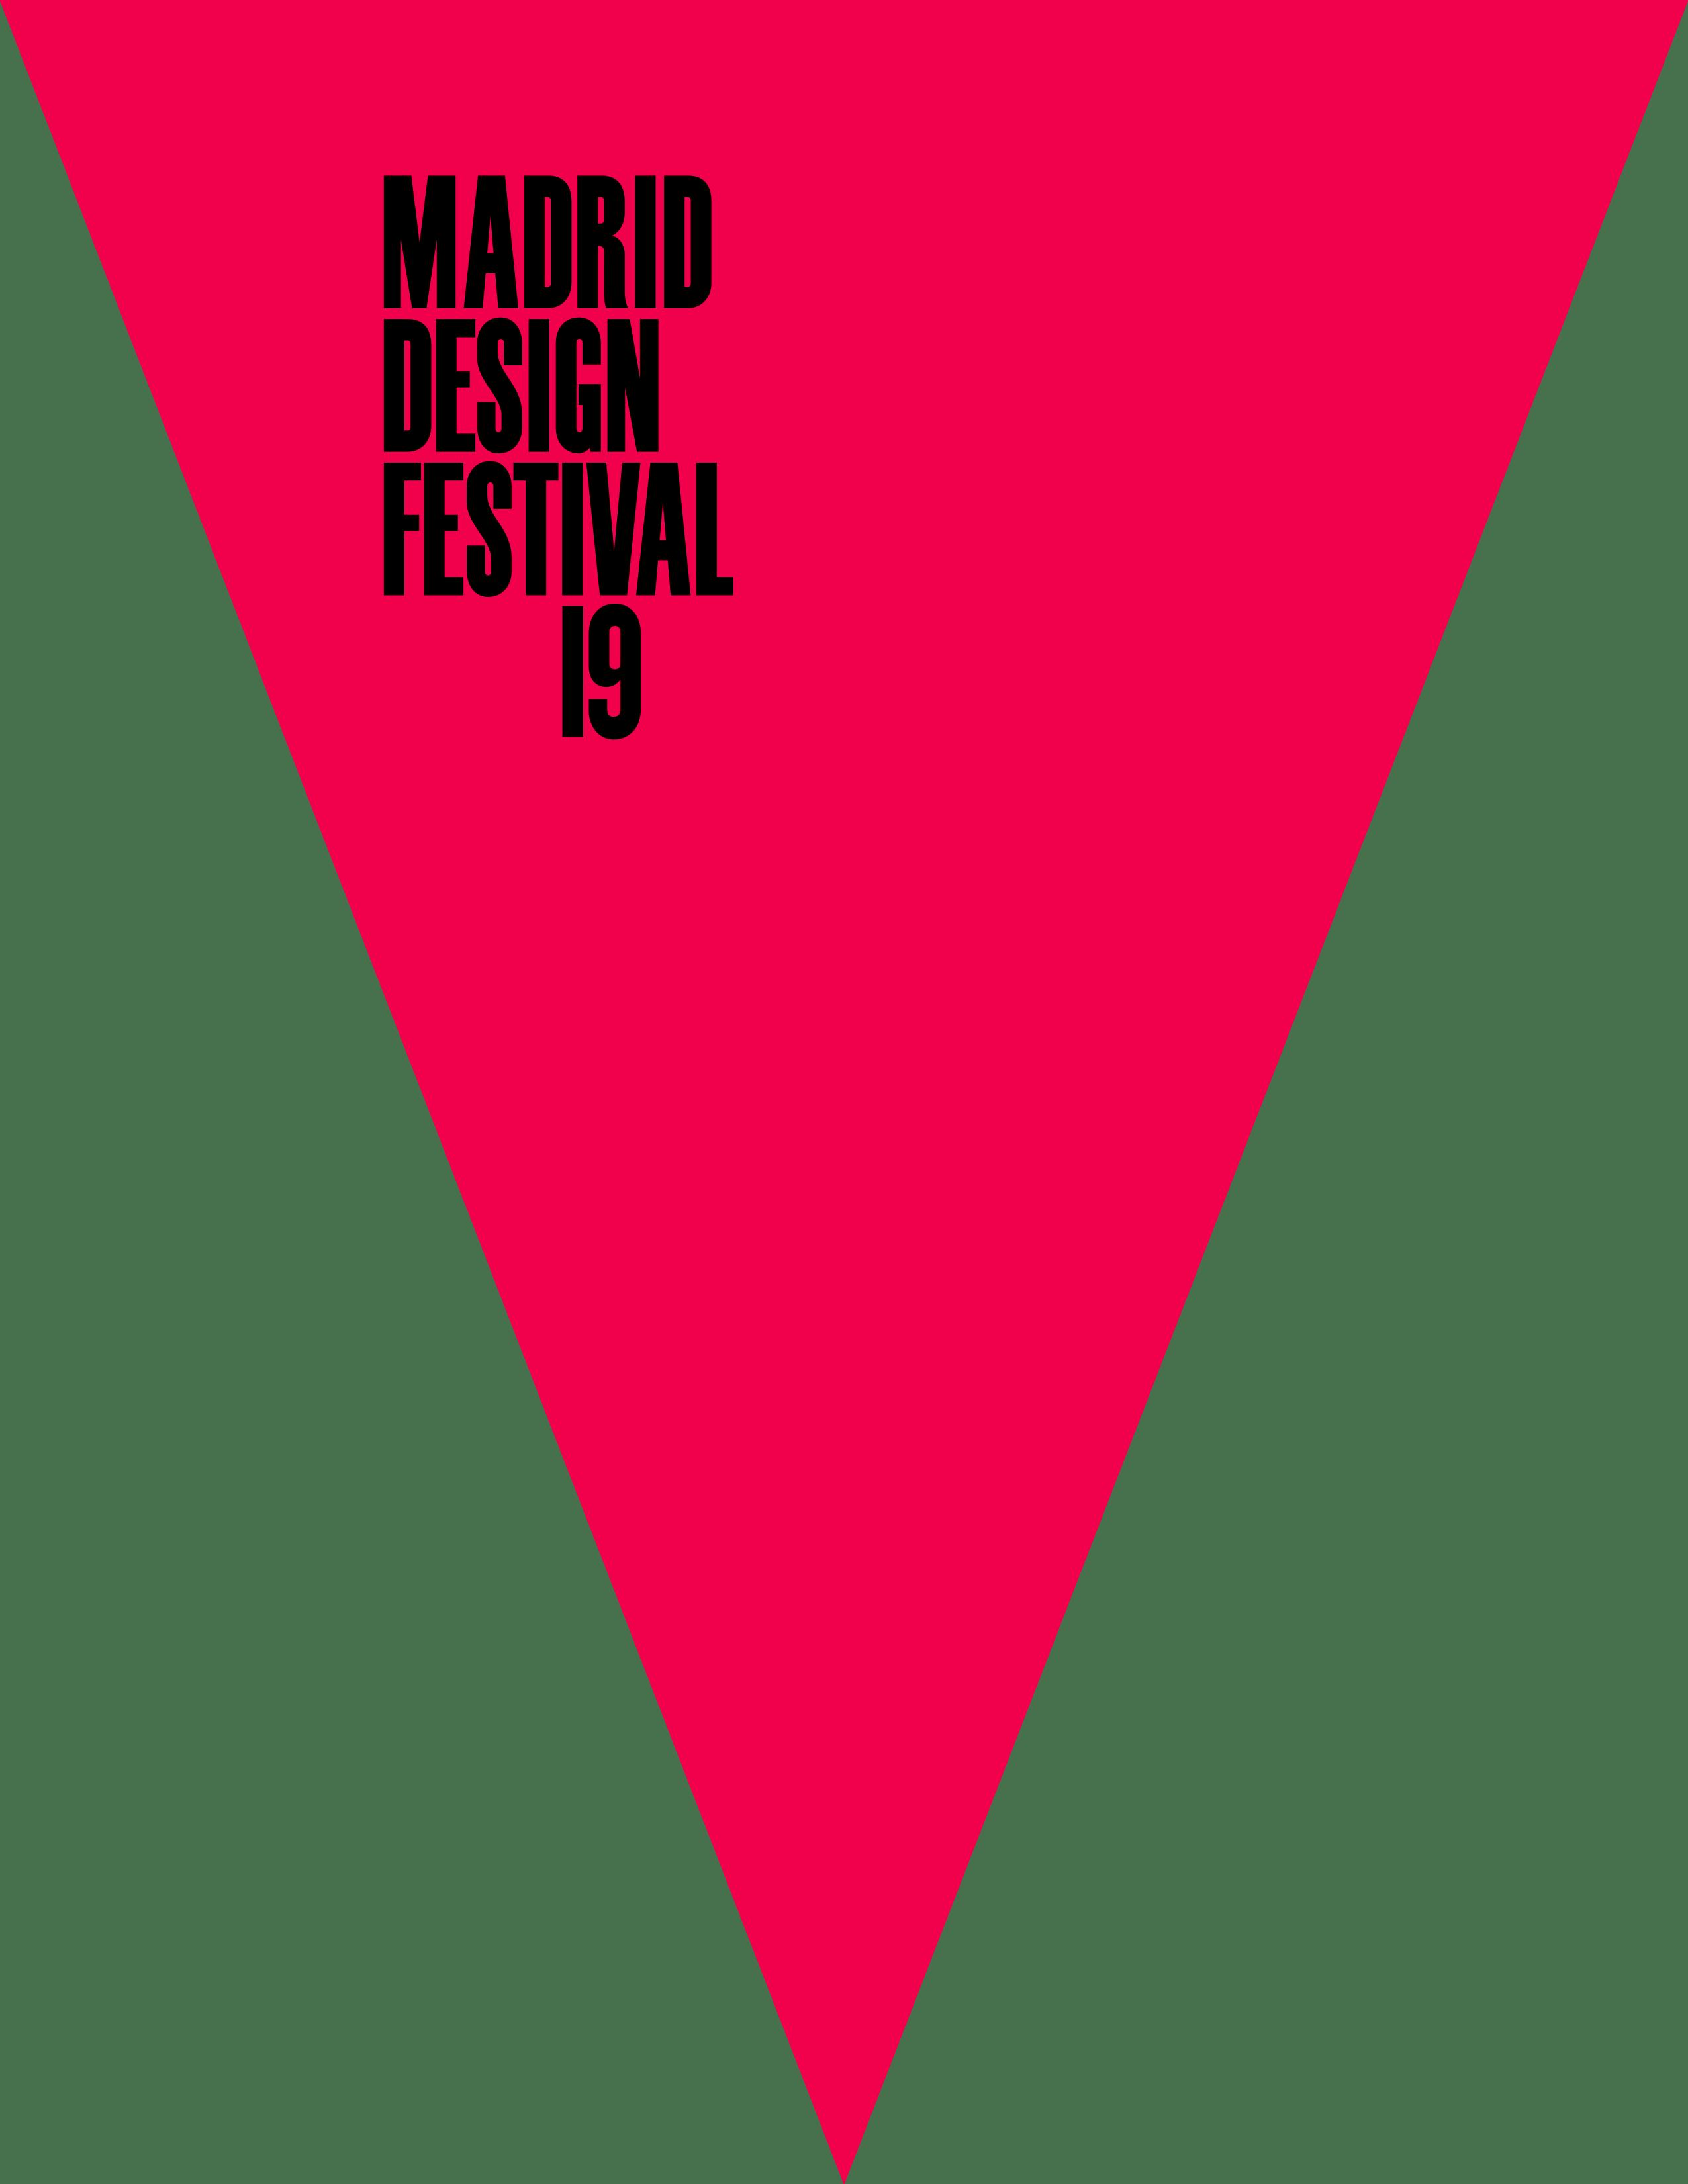 Image of logo integrado triangulo RGB 1 in Cosentino sponsors the Madrid Design Festival 2019 - Cosentino